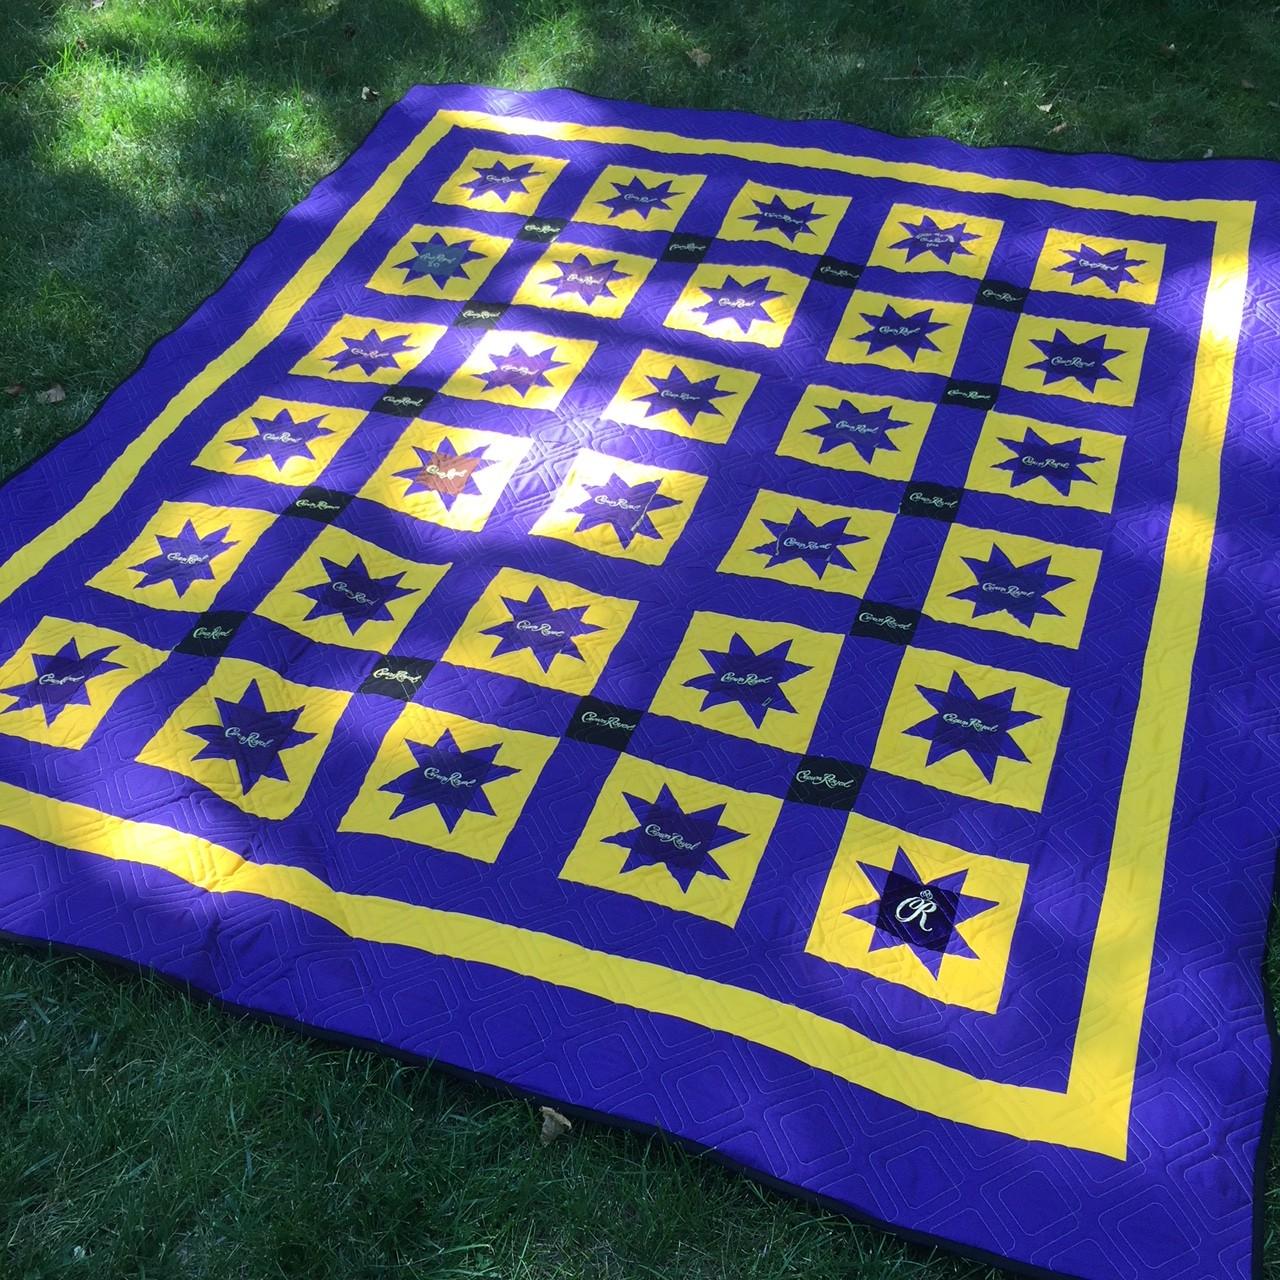 Crown Royal Quilt 627handworks 1 627handworks